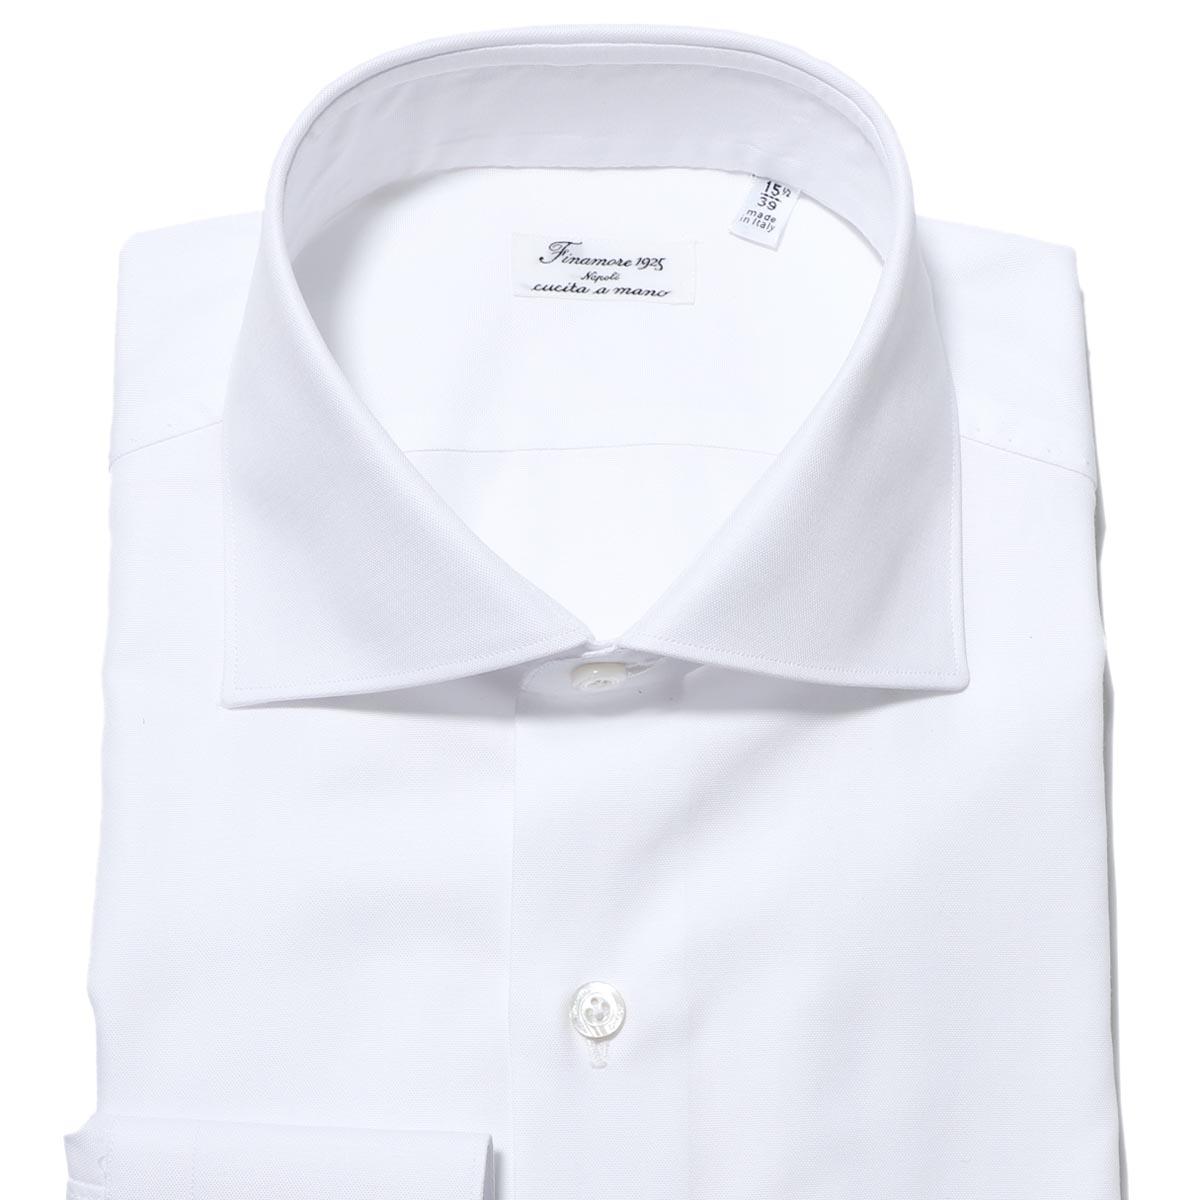 フィナモレ FINAMORE ワイドカラーシャツ ホワイト メンズ zante z 012795 p2092 01 ZANTE ザンテ【あす楽対応_関東】【返品送料無料】【ラッピング無料】